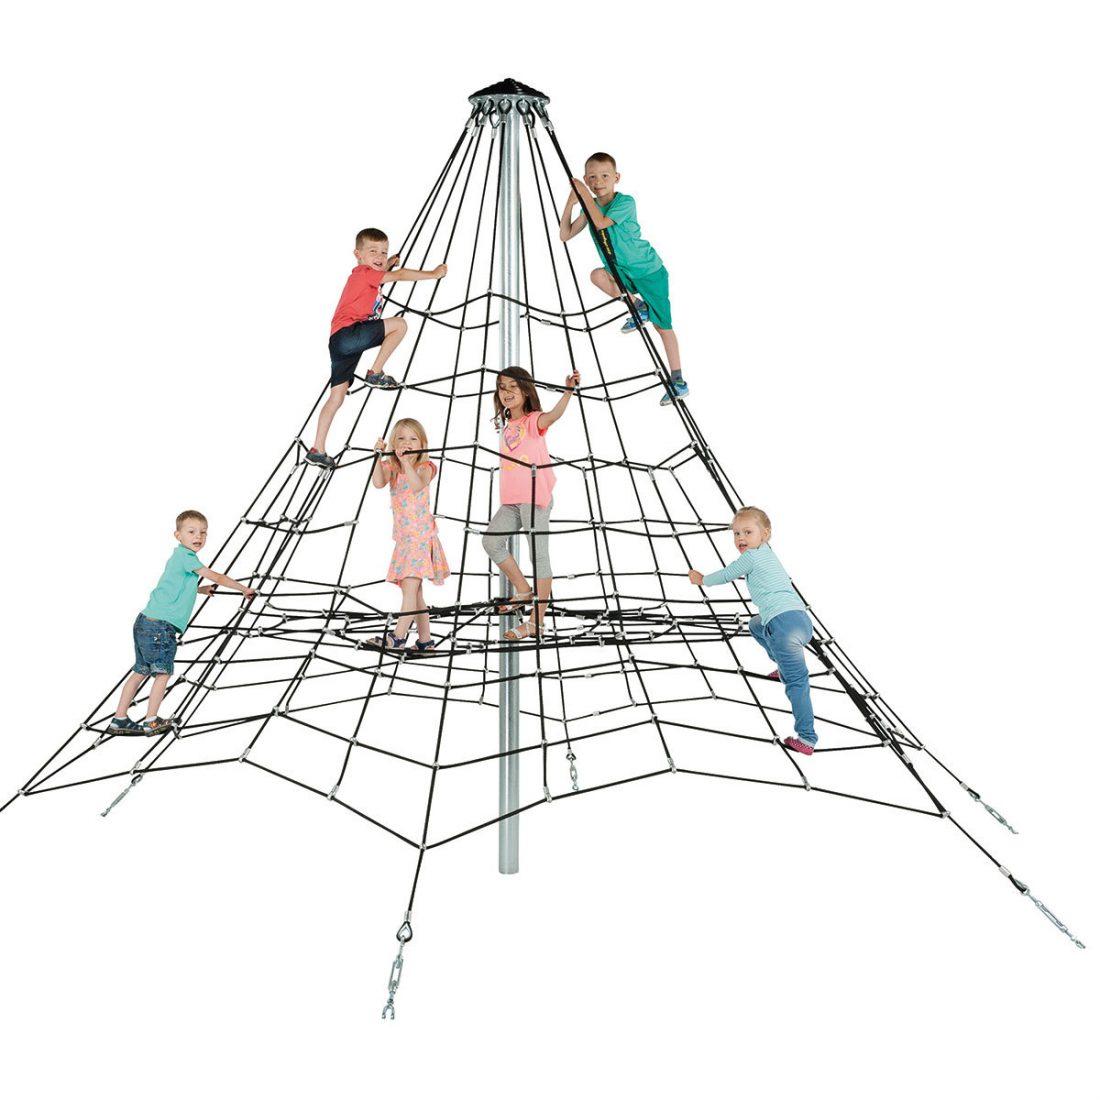 Lanová pyramída KBT011C